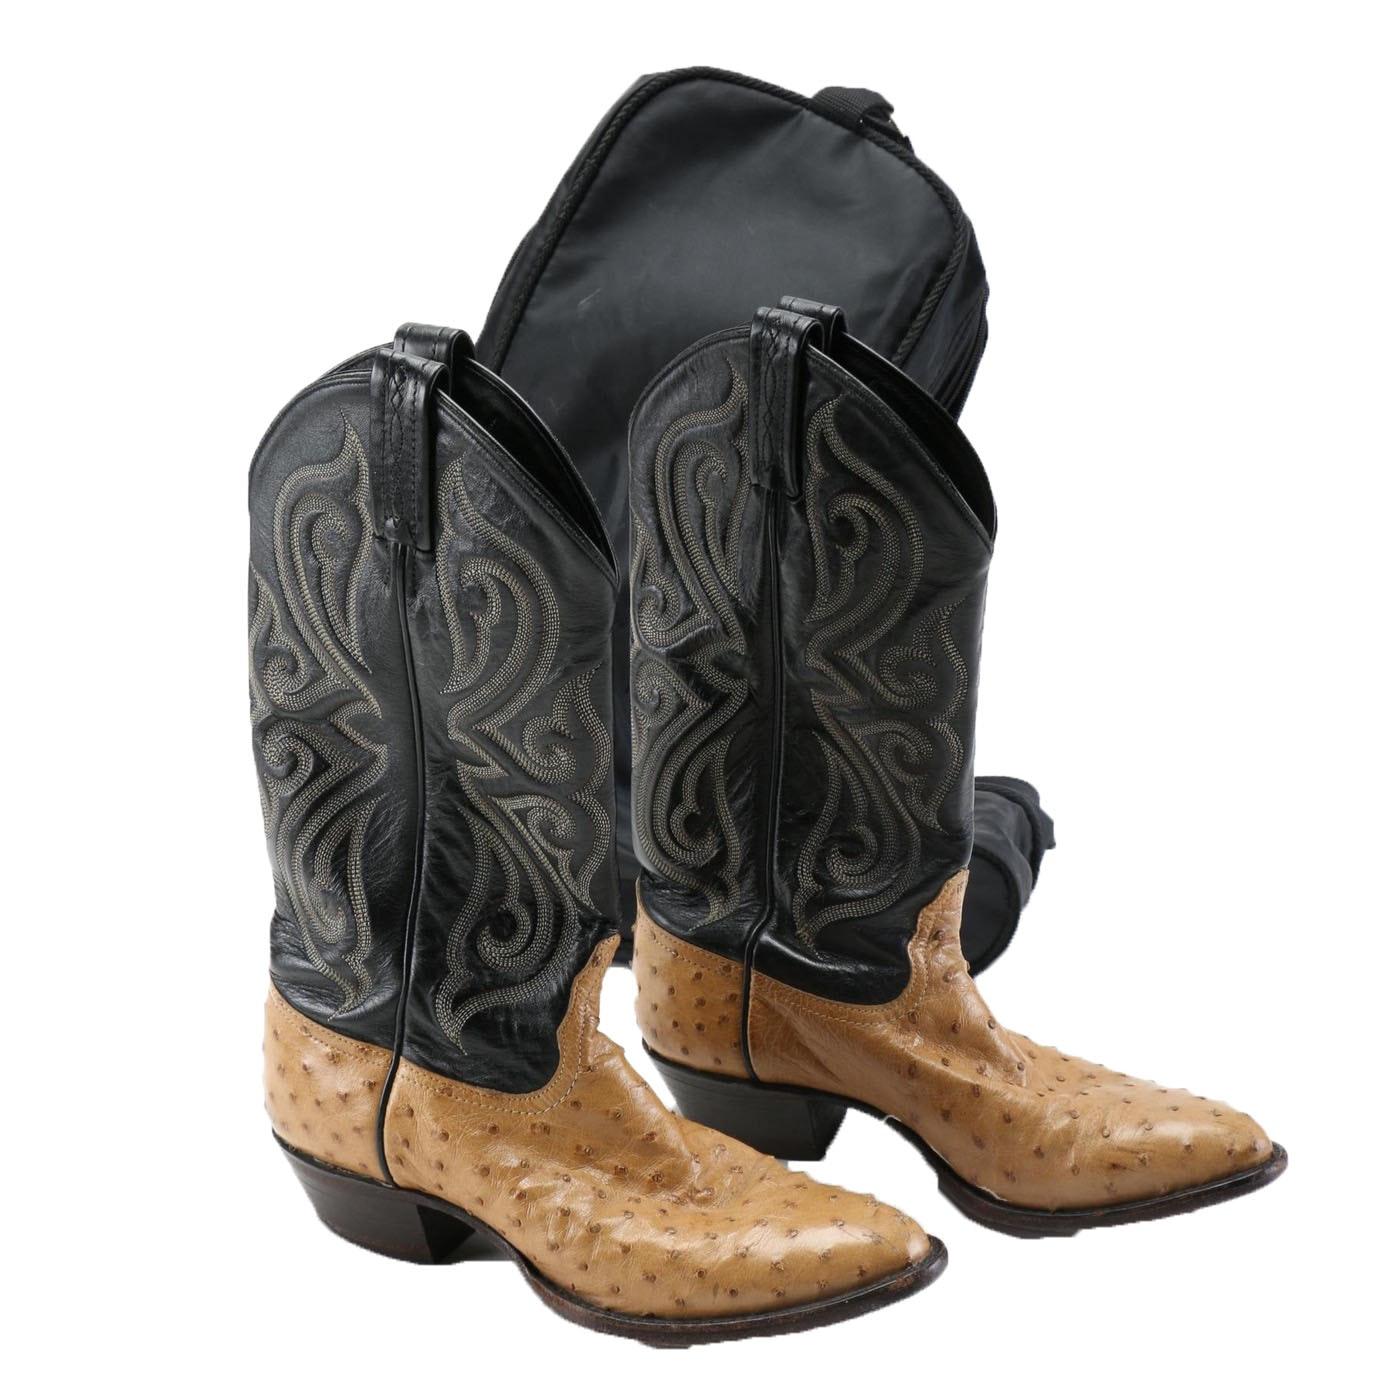 Excellent  Cowboy Amp Western Boots  Women39s Nocona 13quot Full Quill Ostr